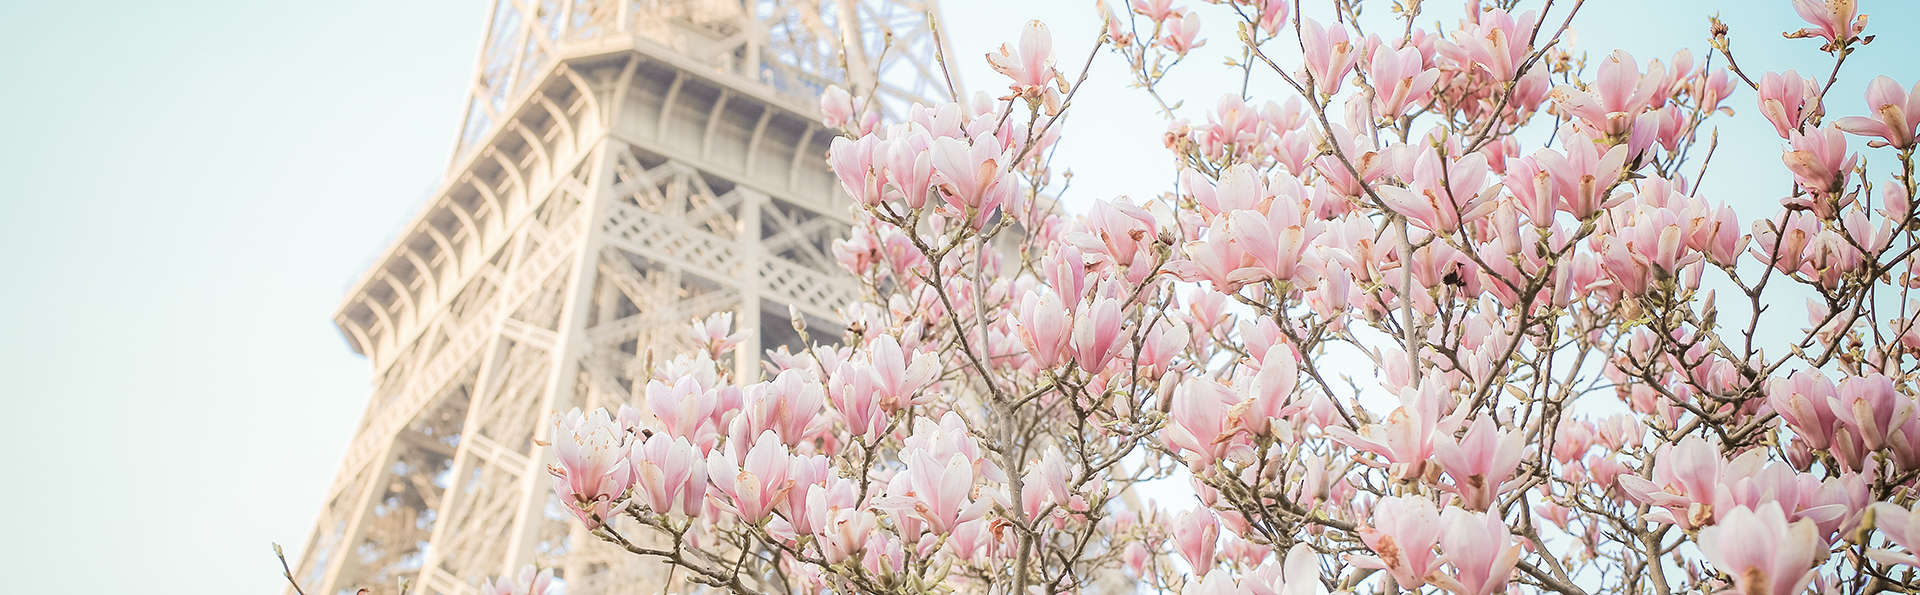 Pause romantique dans la ville Lumière